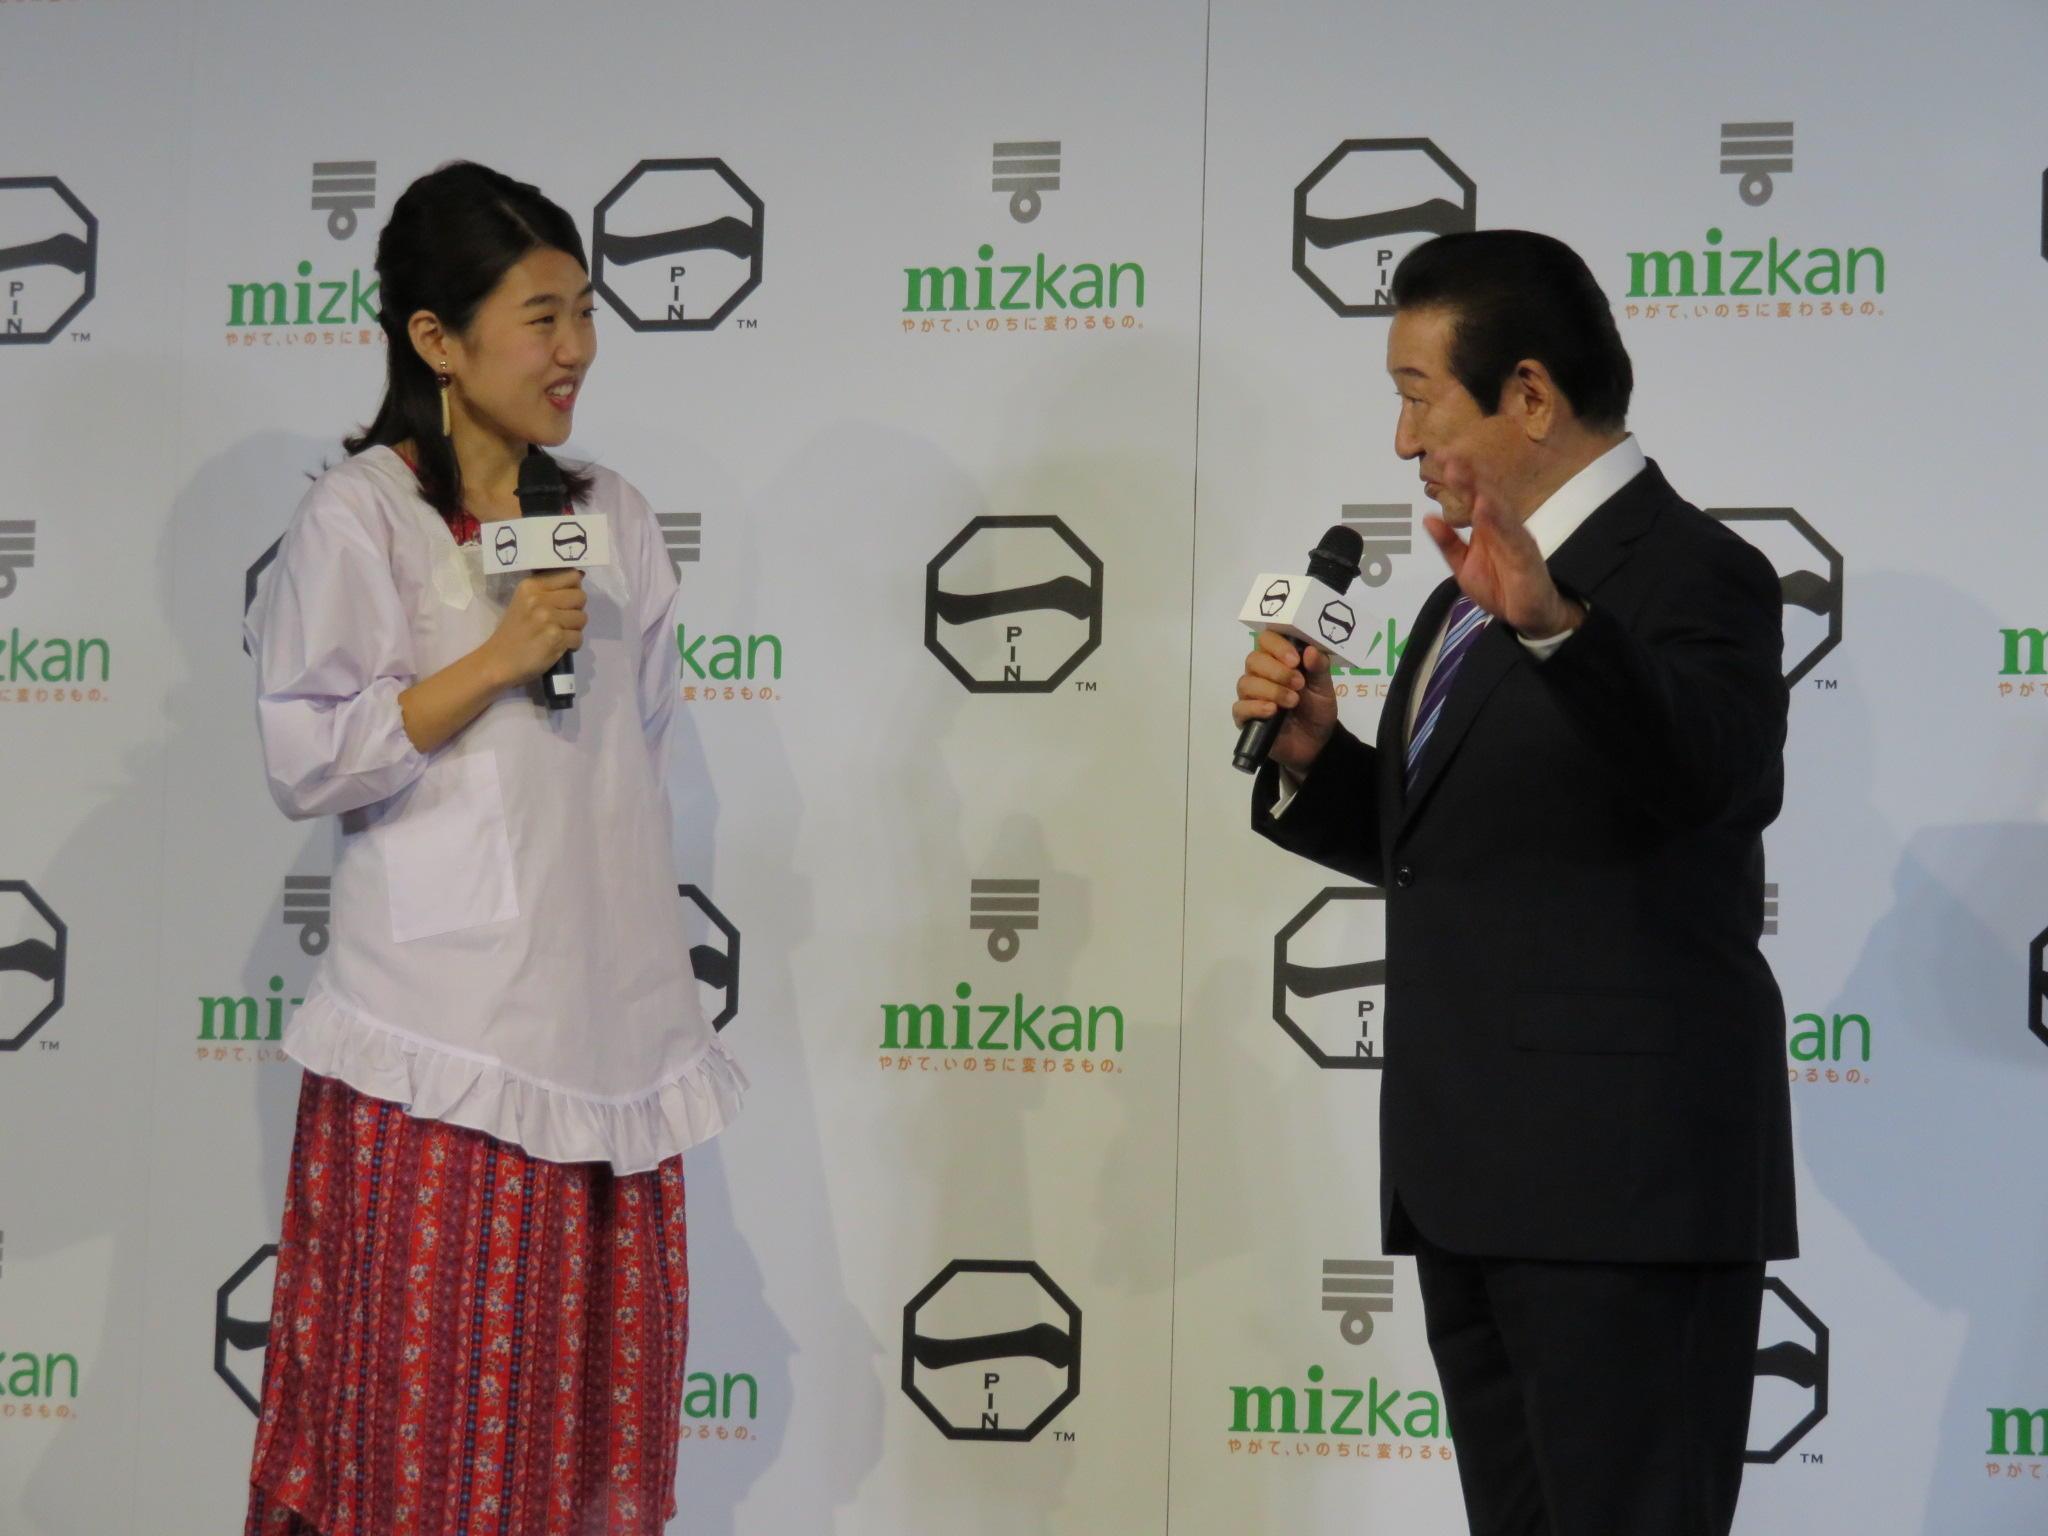 http://news.yoshimoto.co.jp/20180612205752-d4256109cc56142f0dfa5d700302dd8cc08e3e35.jpg